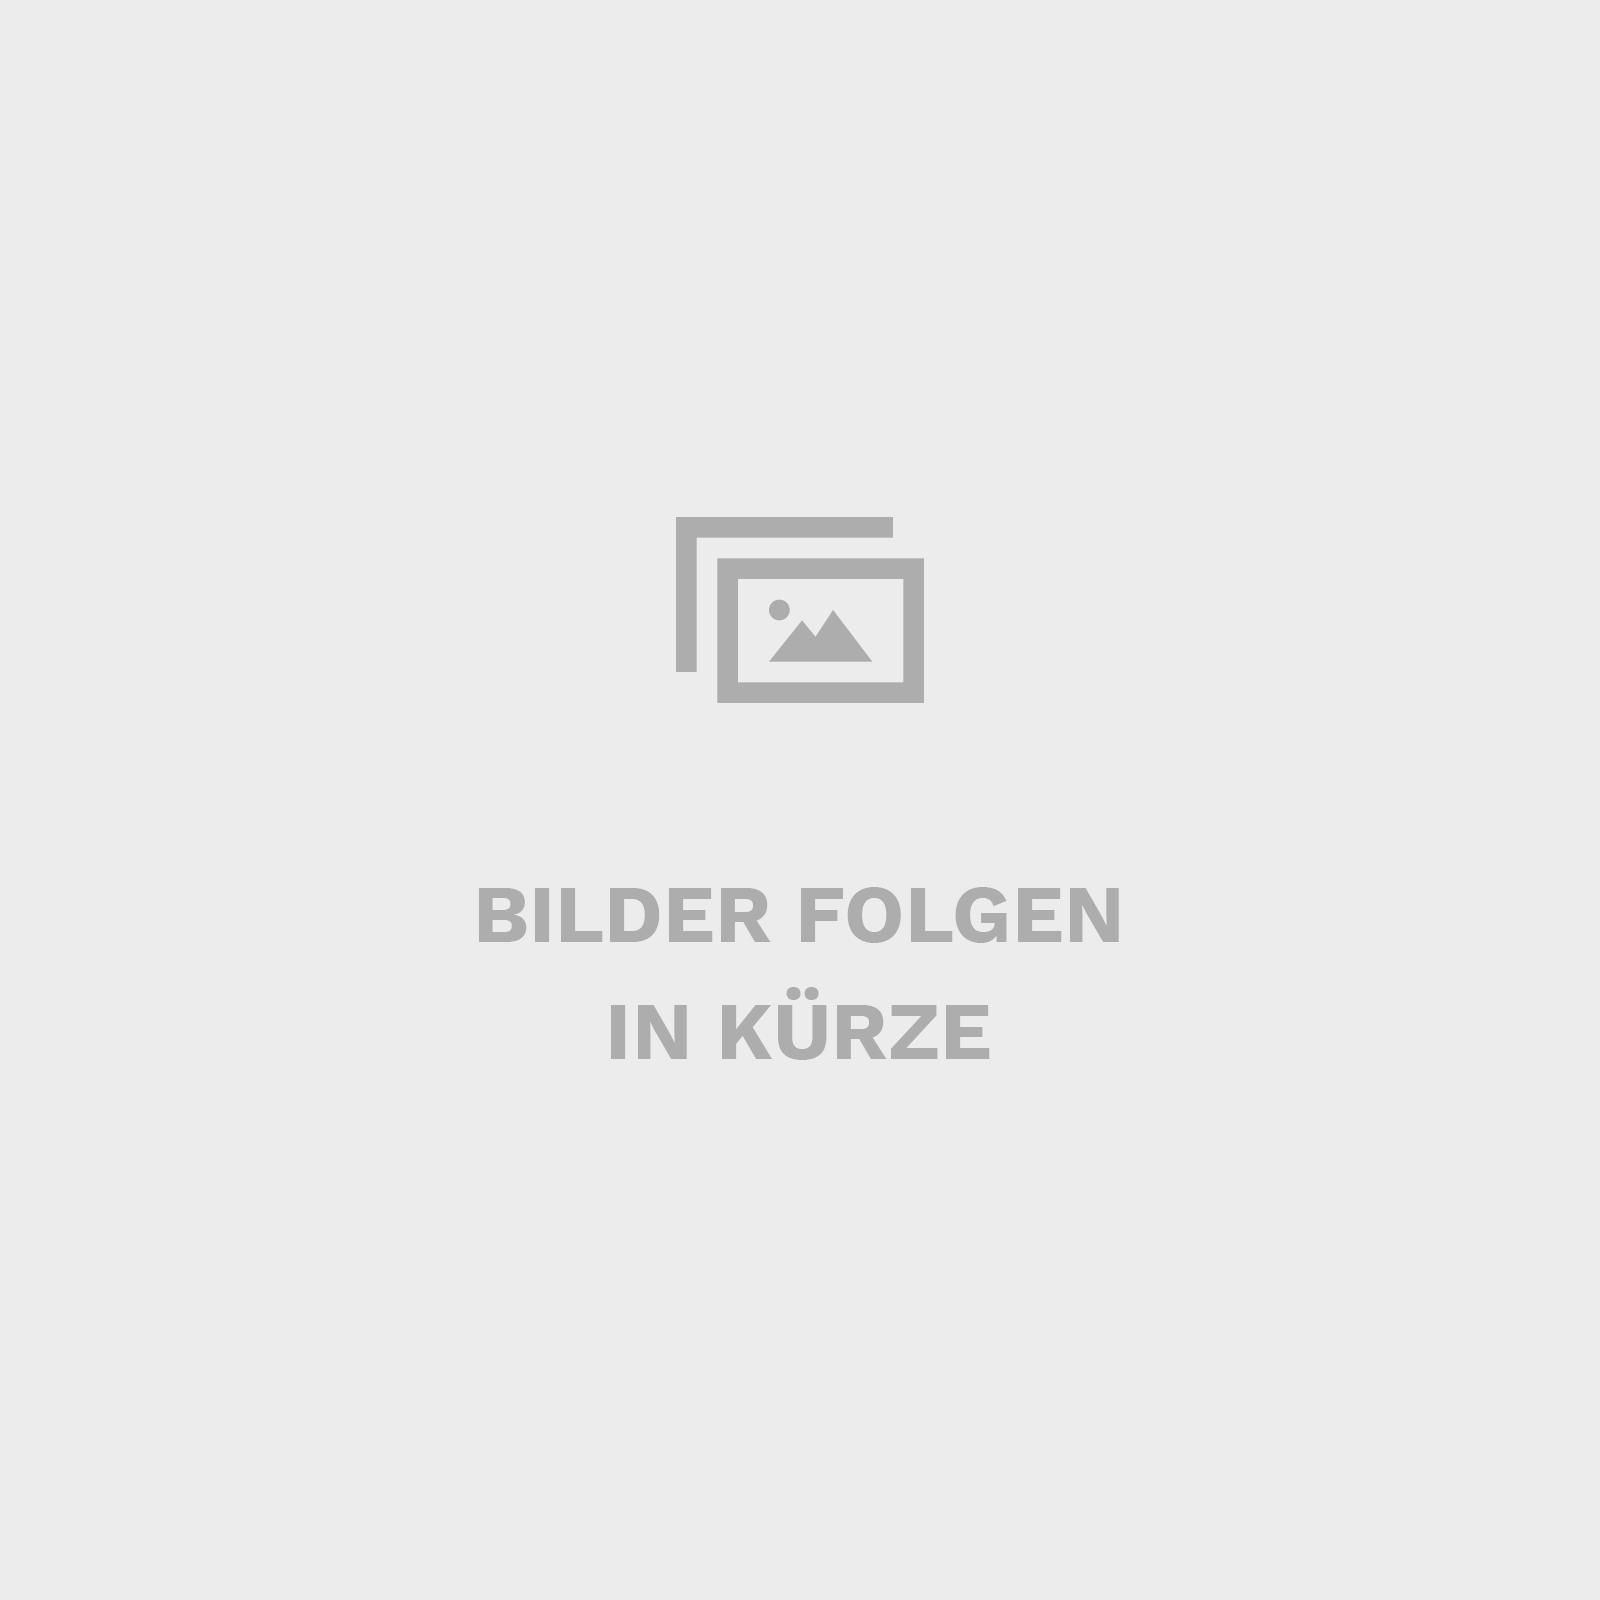 Größe S / Farbe 10 Blau - M / 25 Verde - L / 34 Petrol